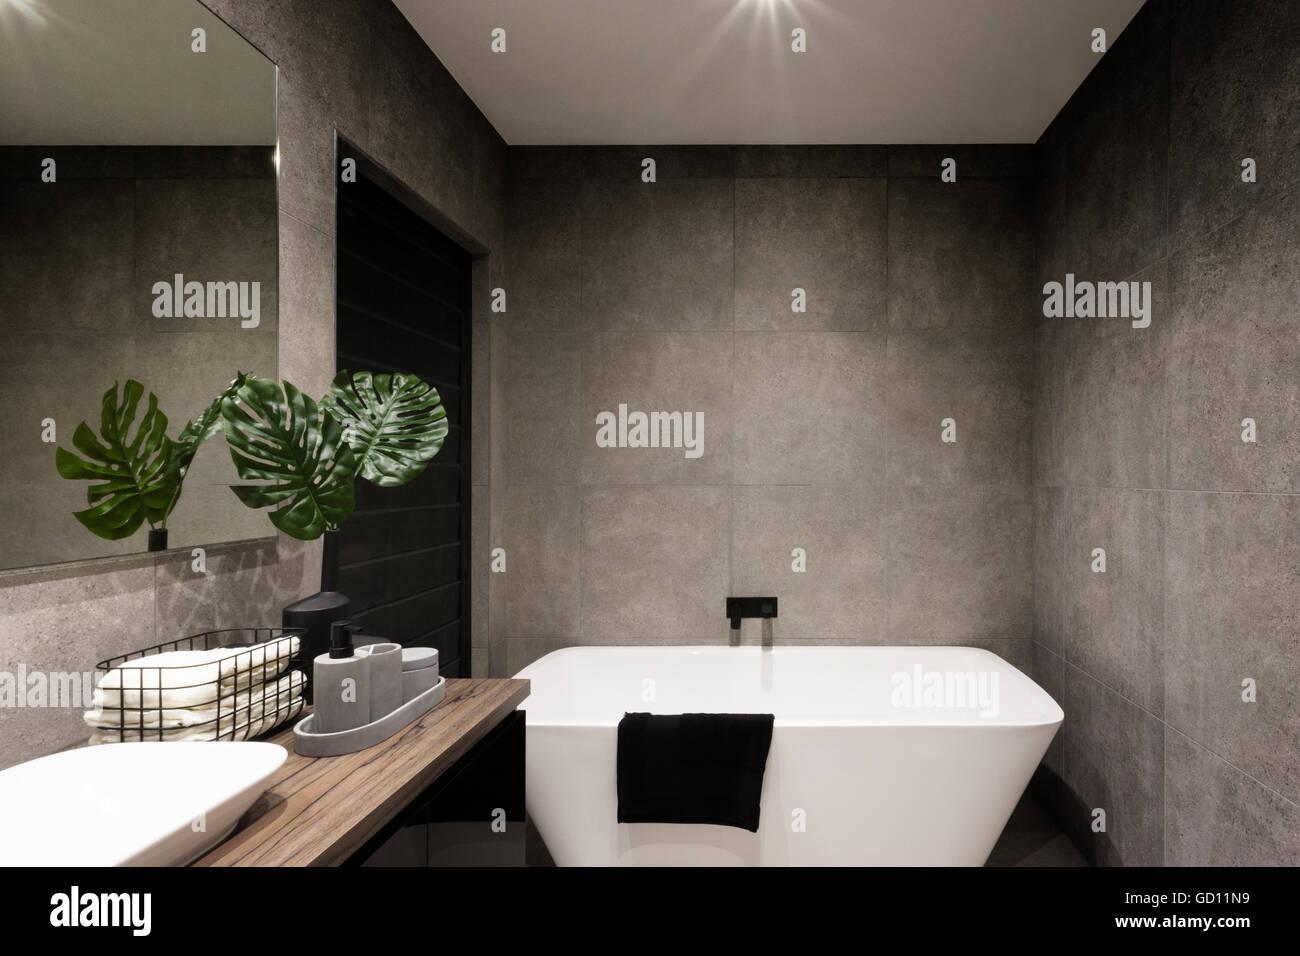 Bagno moderno muro realizzato in colore scuro di piastrelle che ha